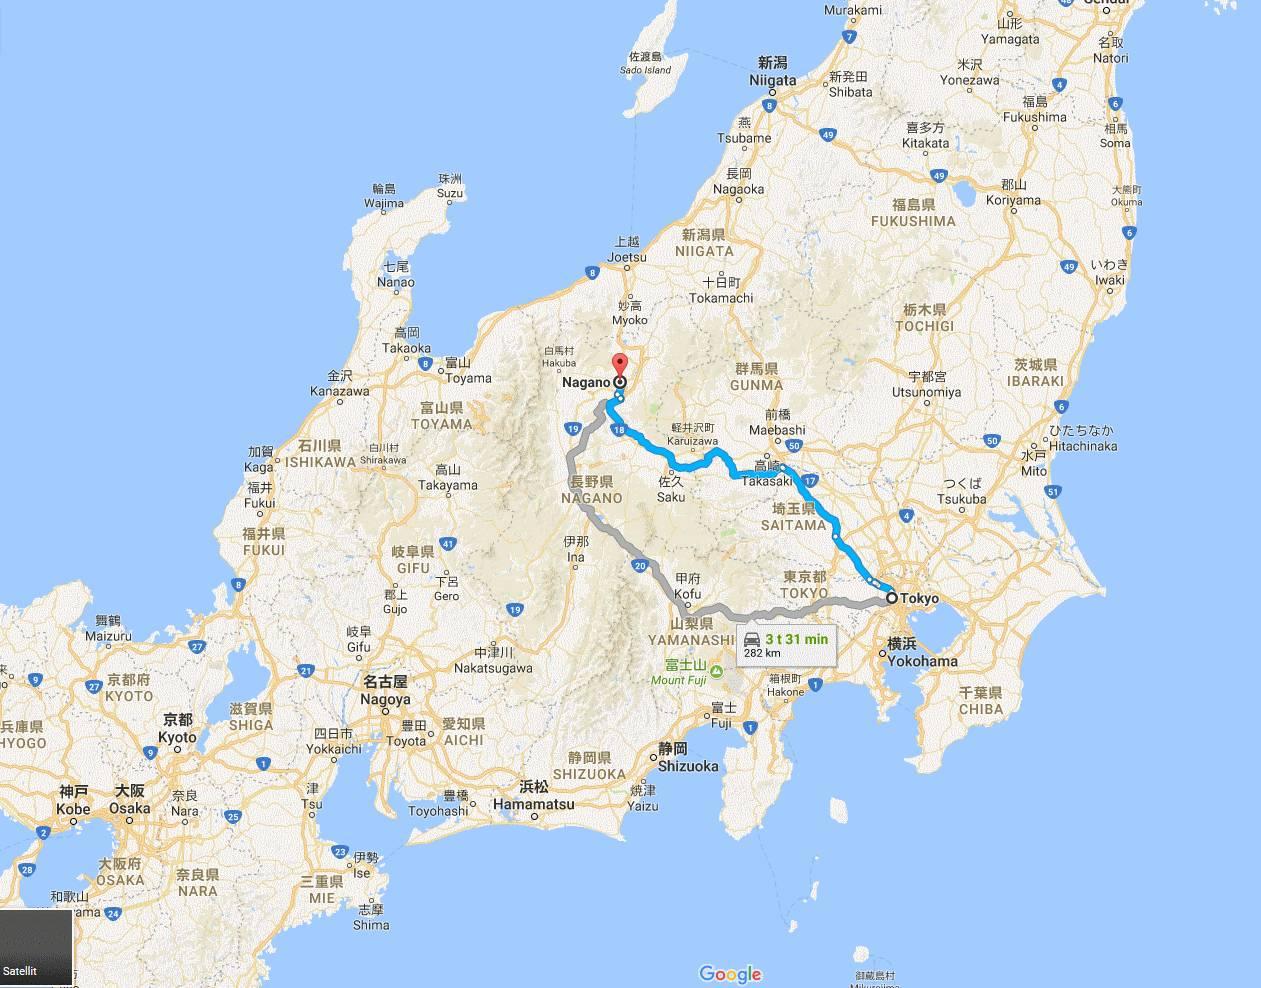 map tokyo, nagano, osaka,